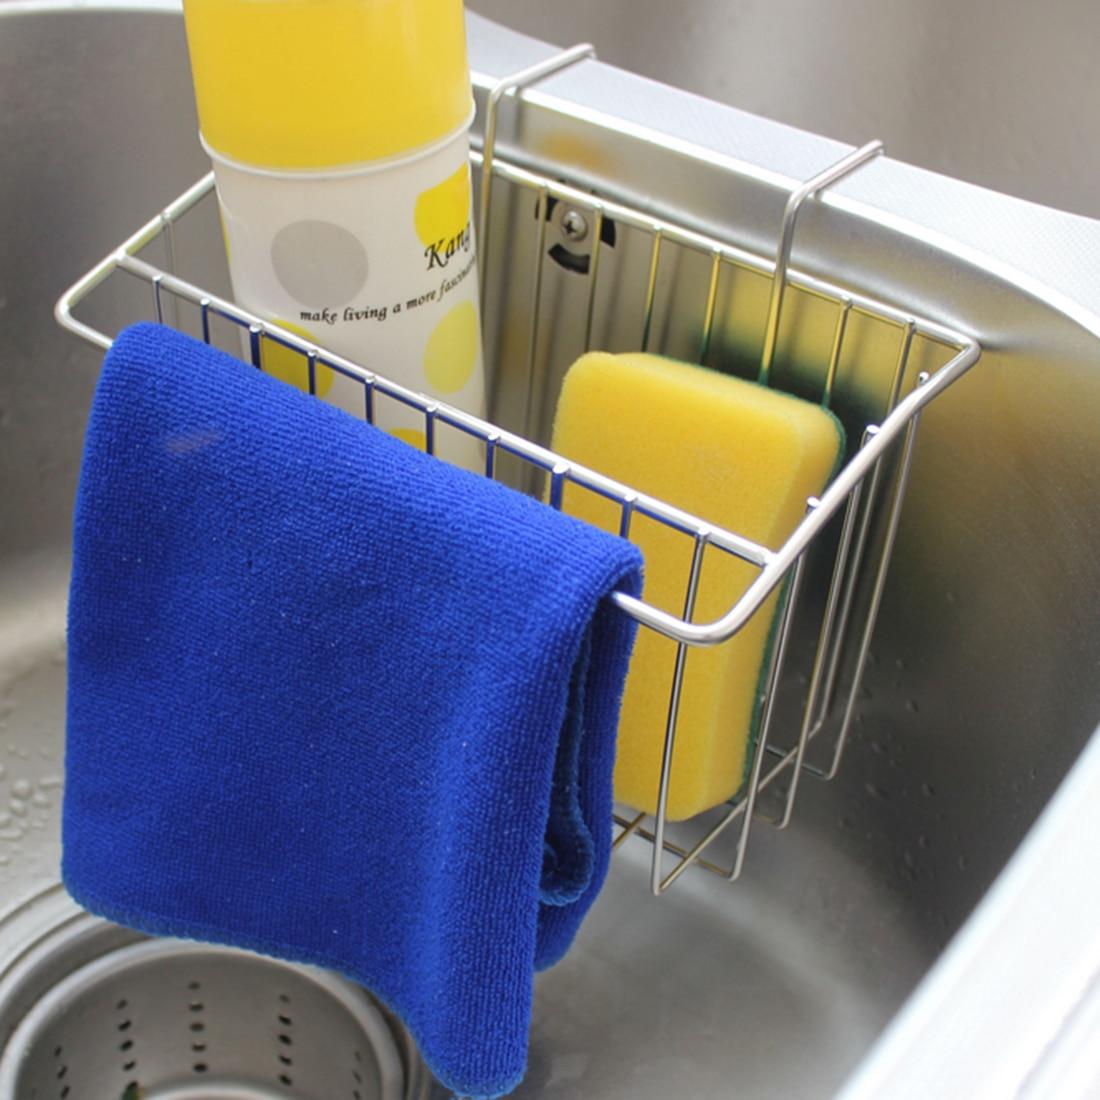 HIPSTEEN hordozható mosogató lógó tartó tároló doboz szűrő Fürdőszoba szappan tárolás Otthon konyha csaptelep csaptelep Sponge Rack